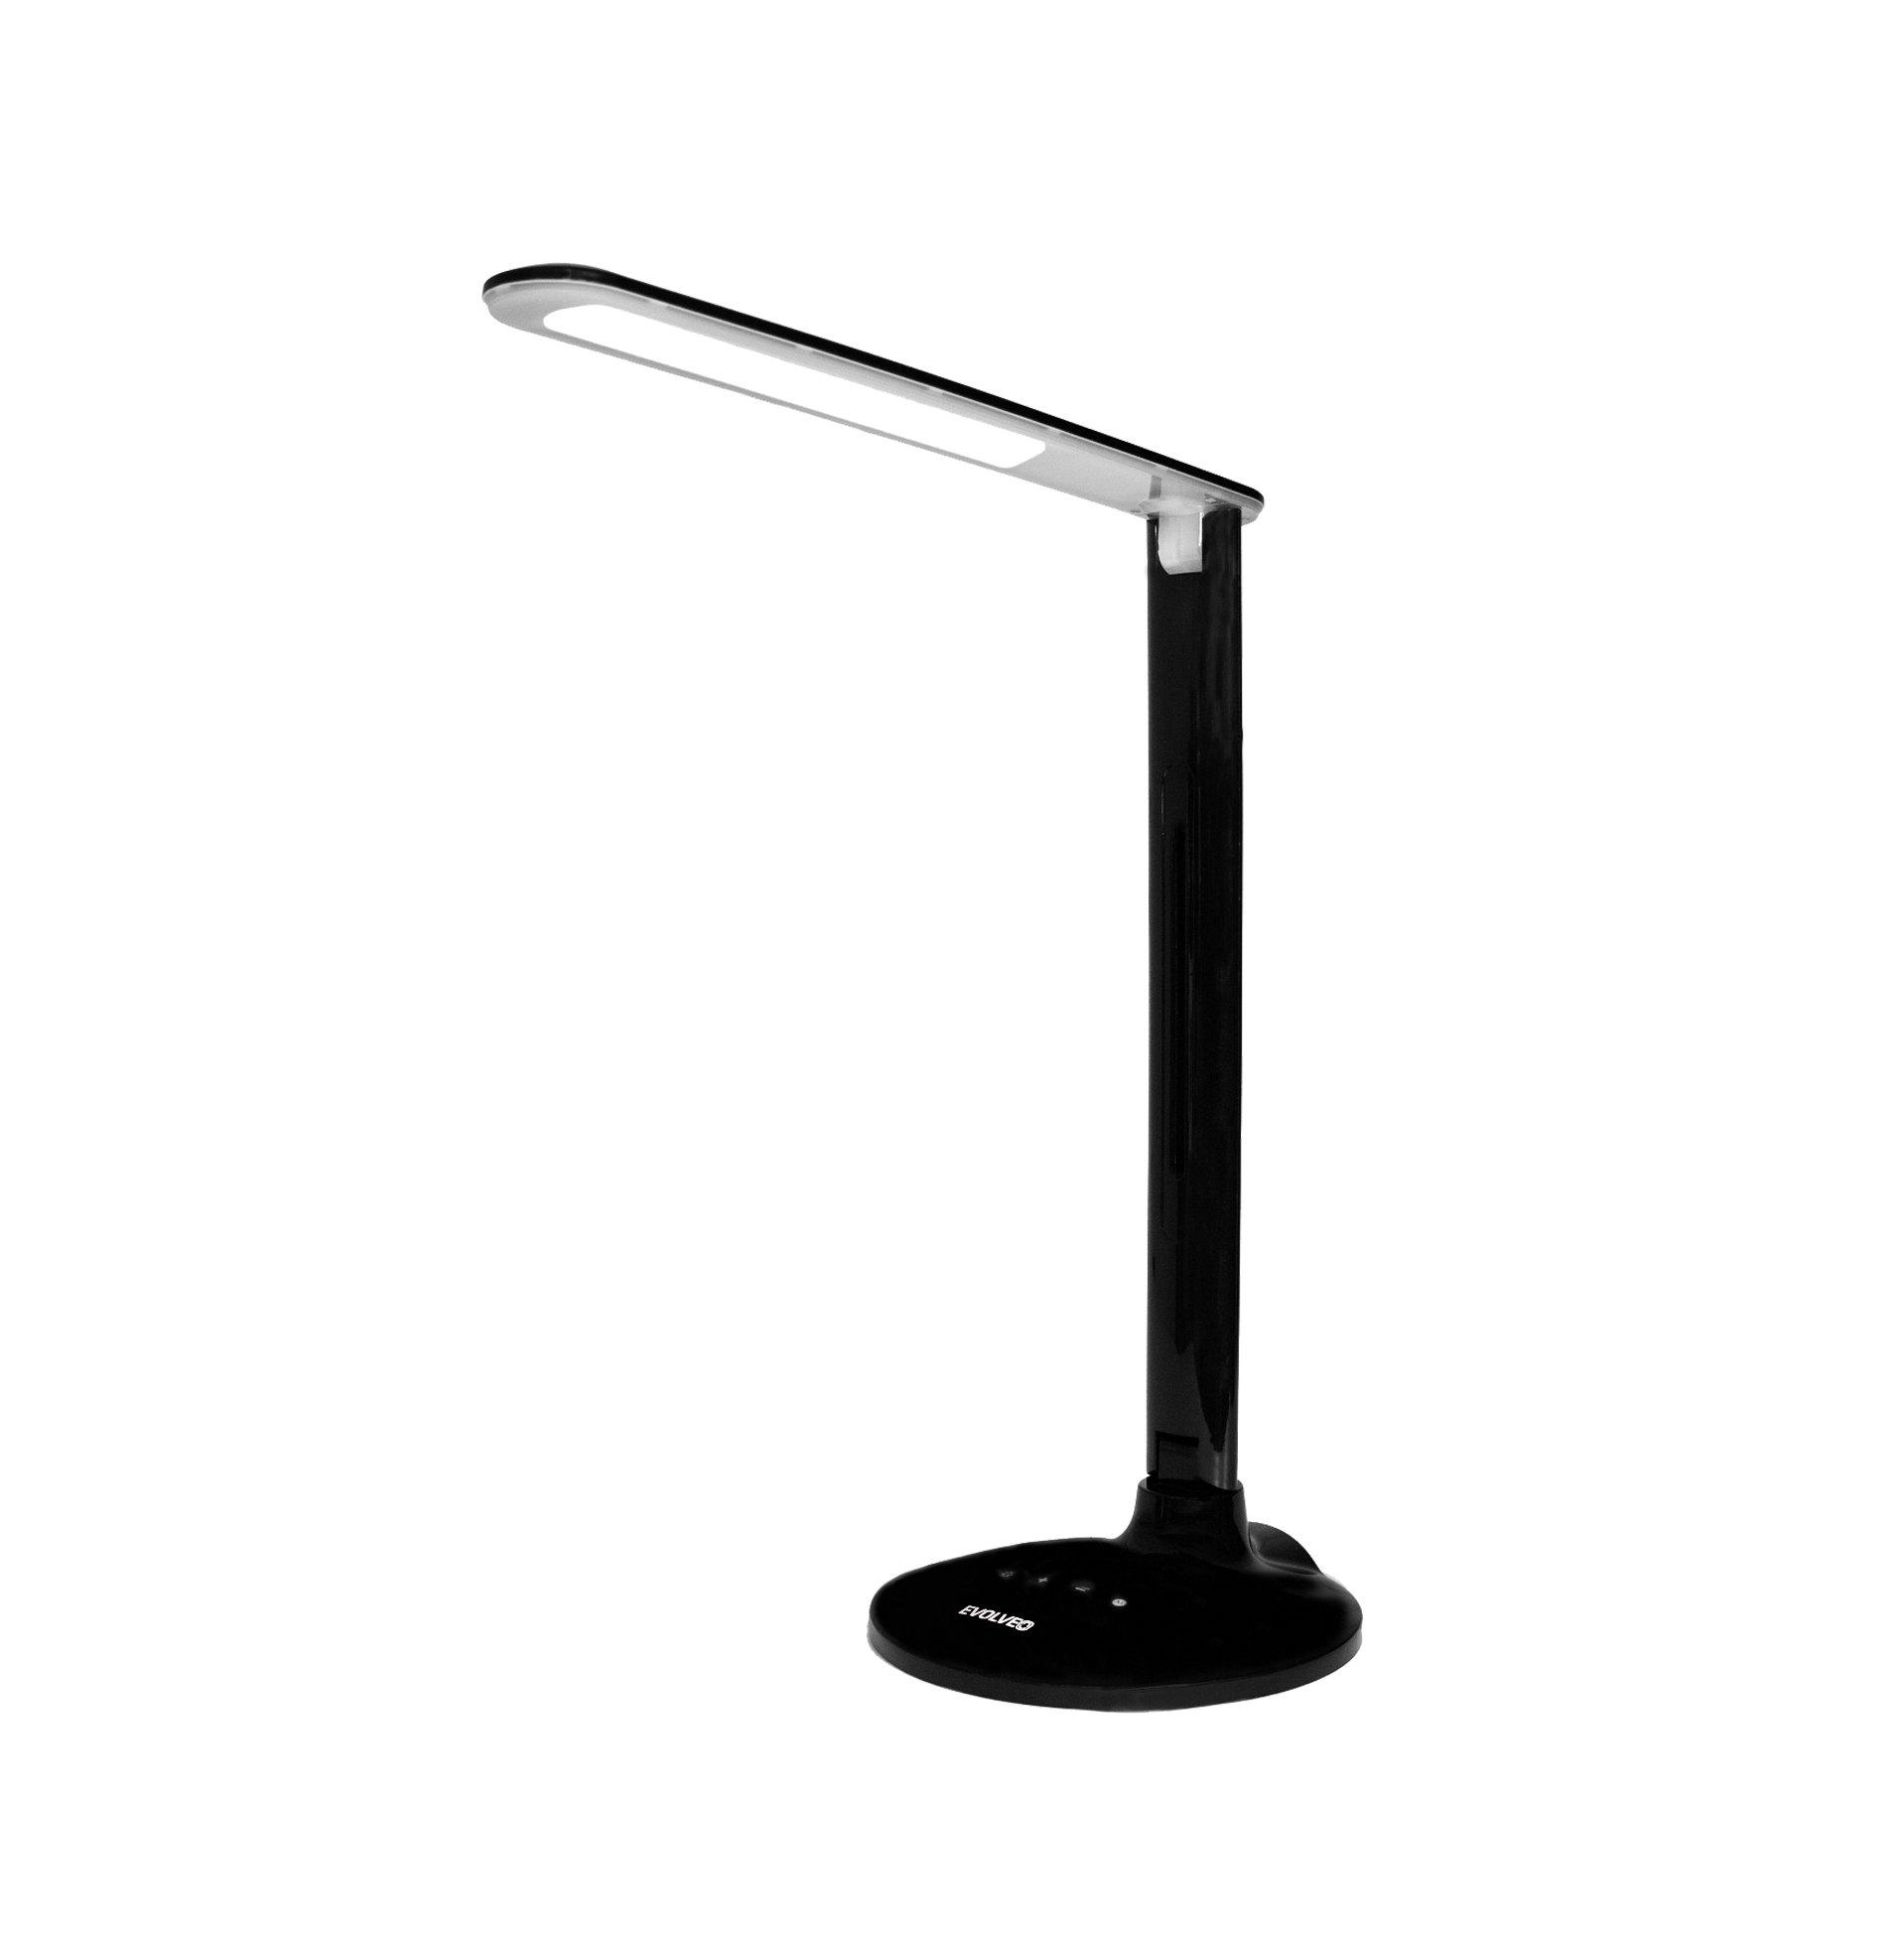 EVOLVEO Lumos LX10, LED stolní lampa, dotykové ovl. , USB nabíjení, regulace světla s pamětí, bílá